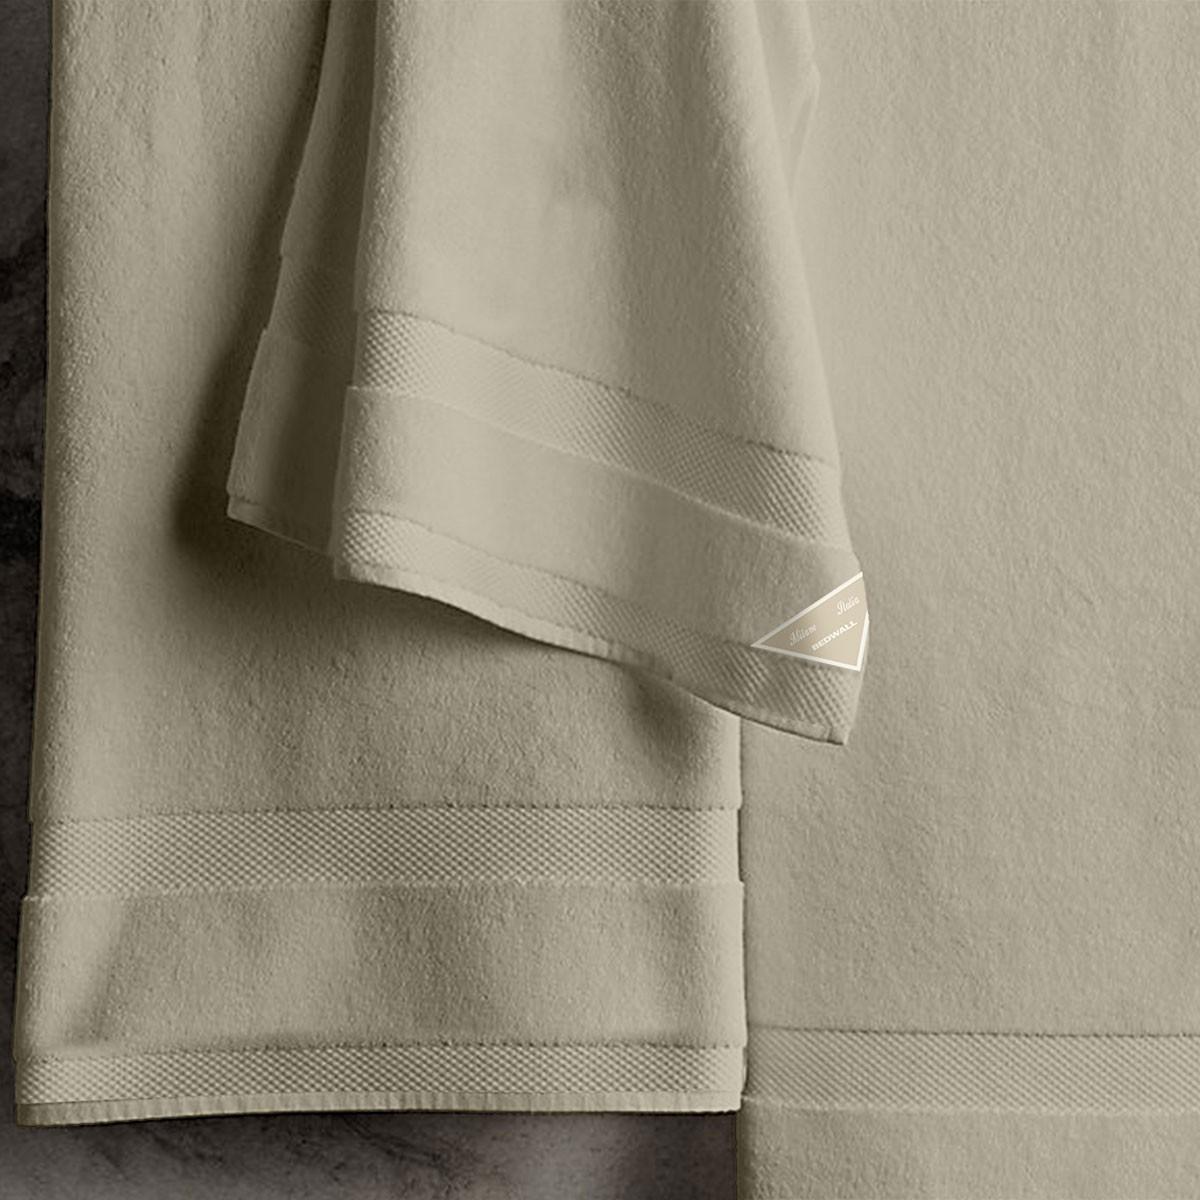 Πετσέτες Μπάνιου (Σετ 3τμχ) Bedwall Super Soft Linen